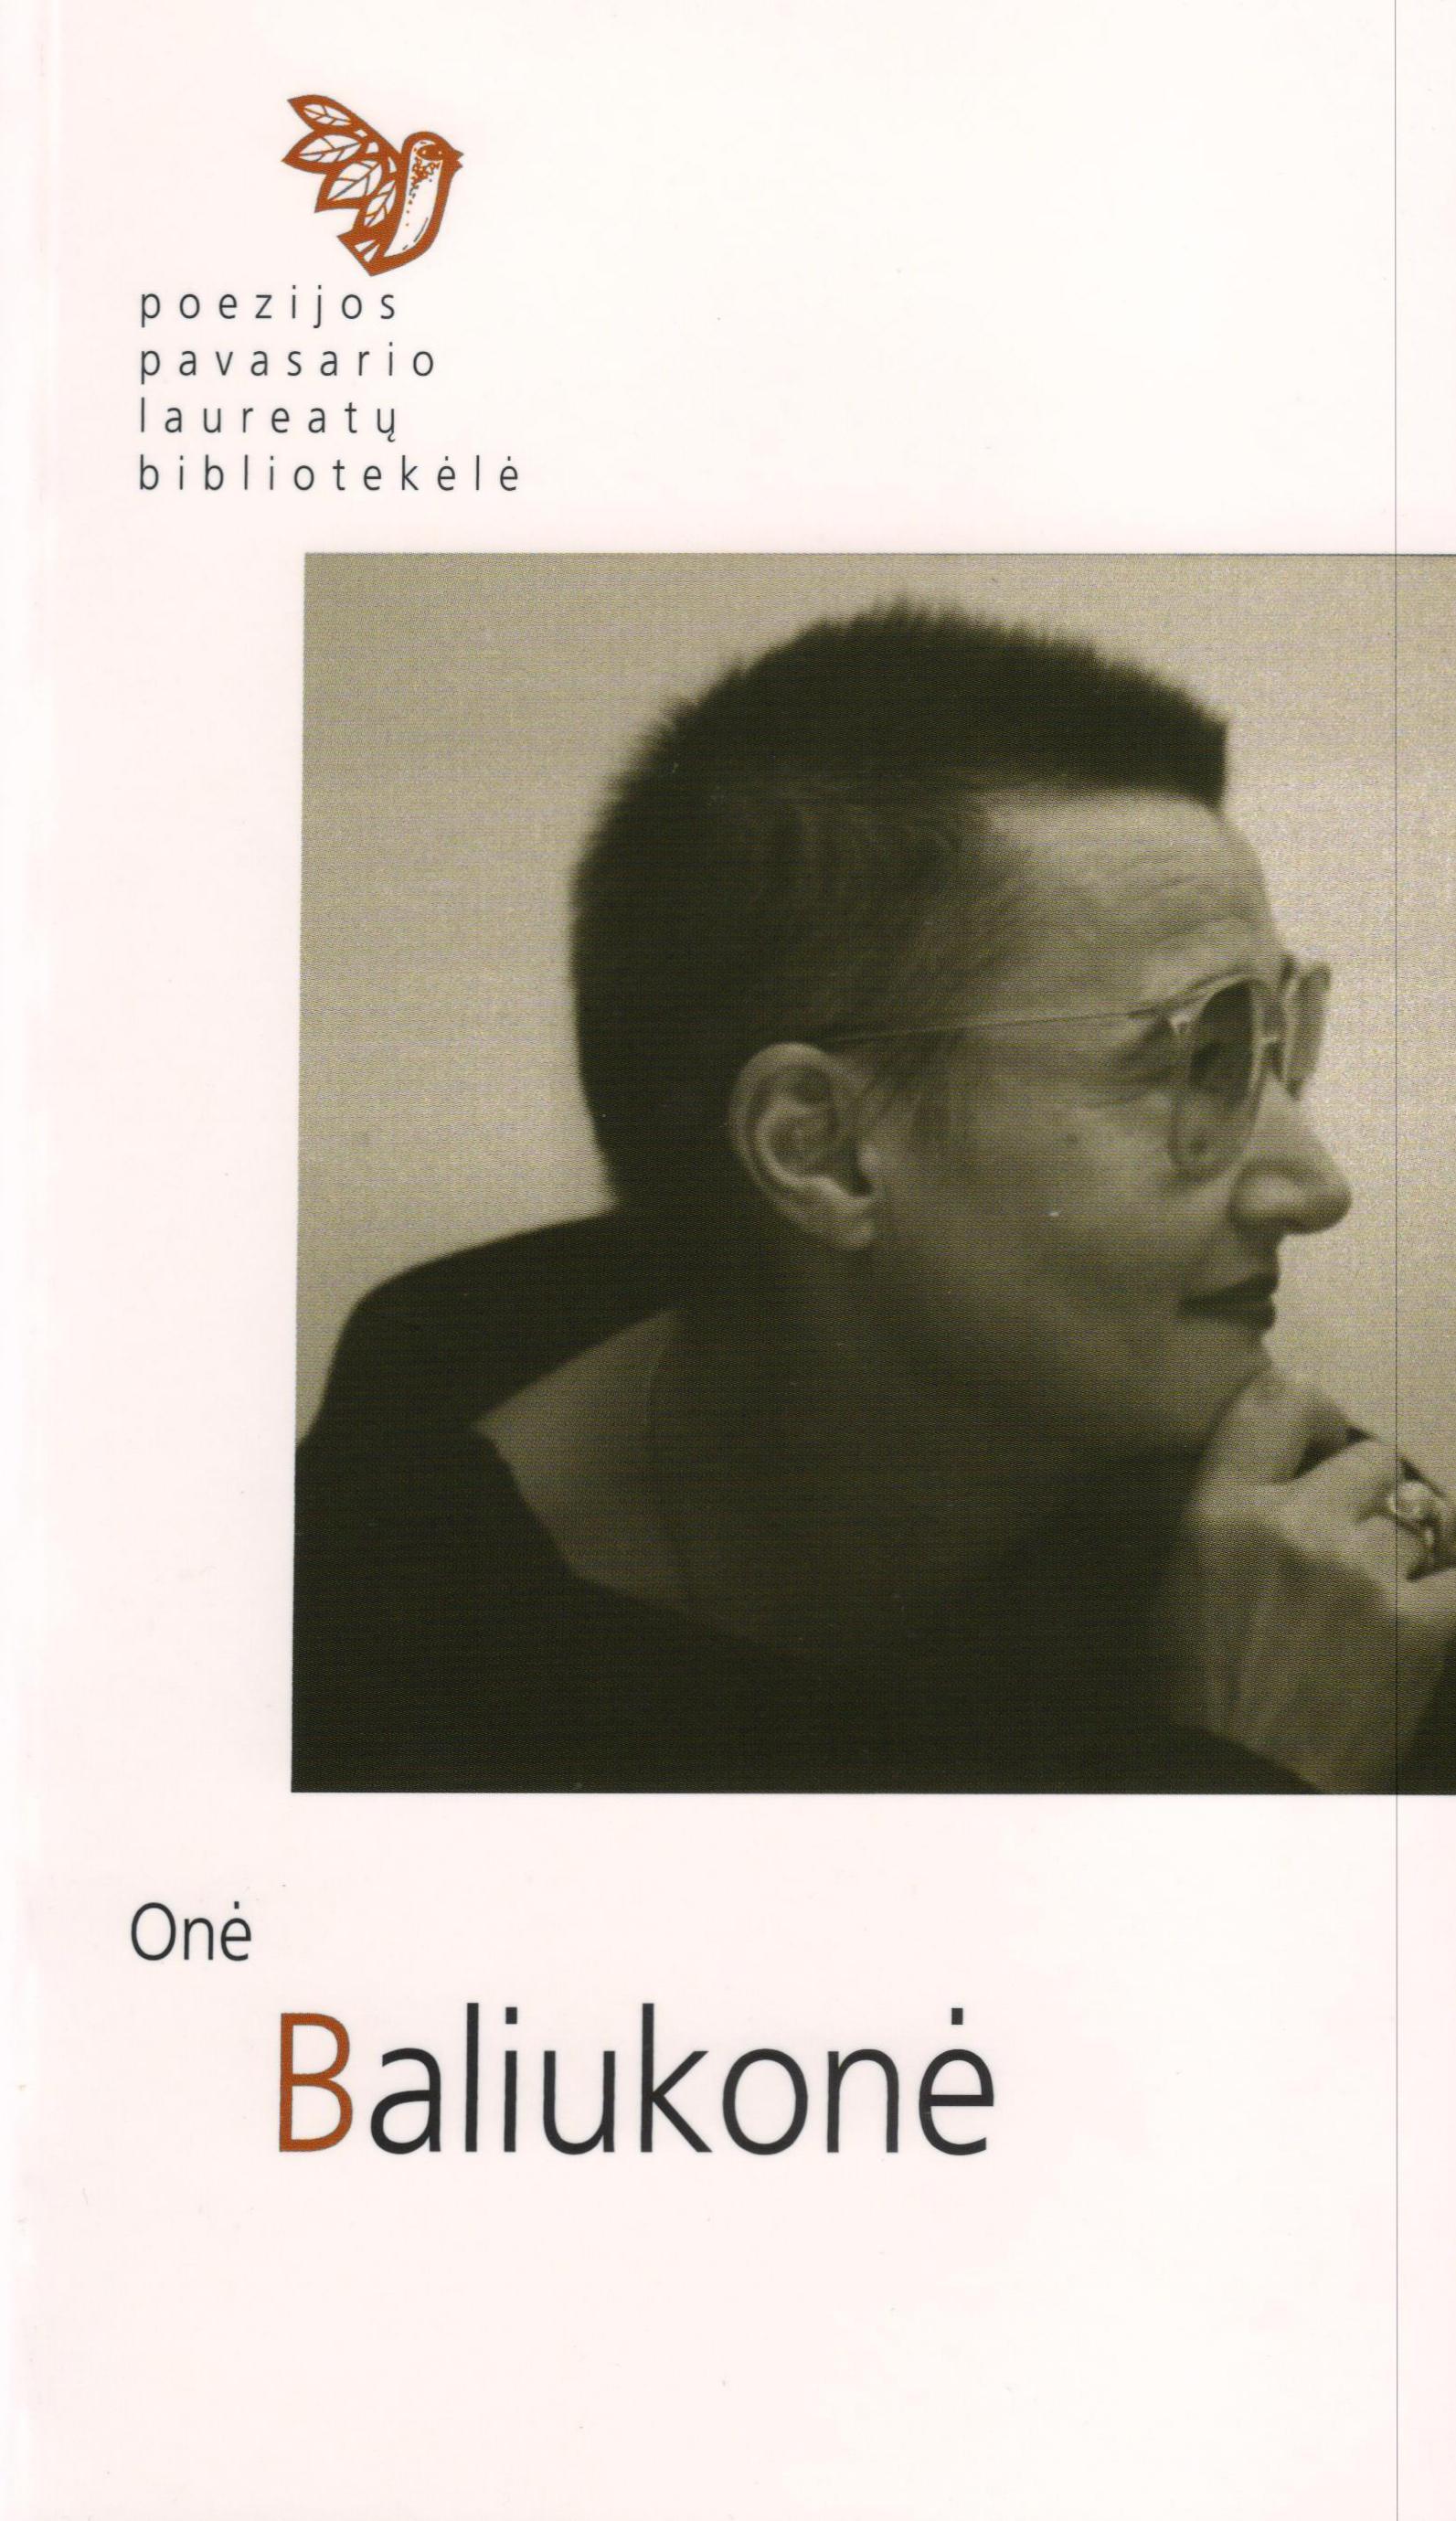 Poezijos pavasario laureatų bibliotekėlė. Onė Baliukonė (Kaunas: Naujasis lankas, Kauno meno kūrėjų asociacija 2013)